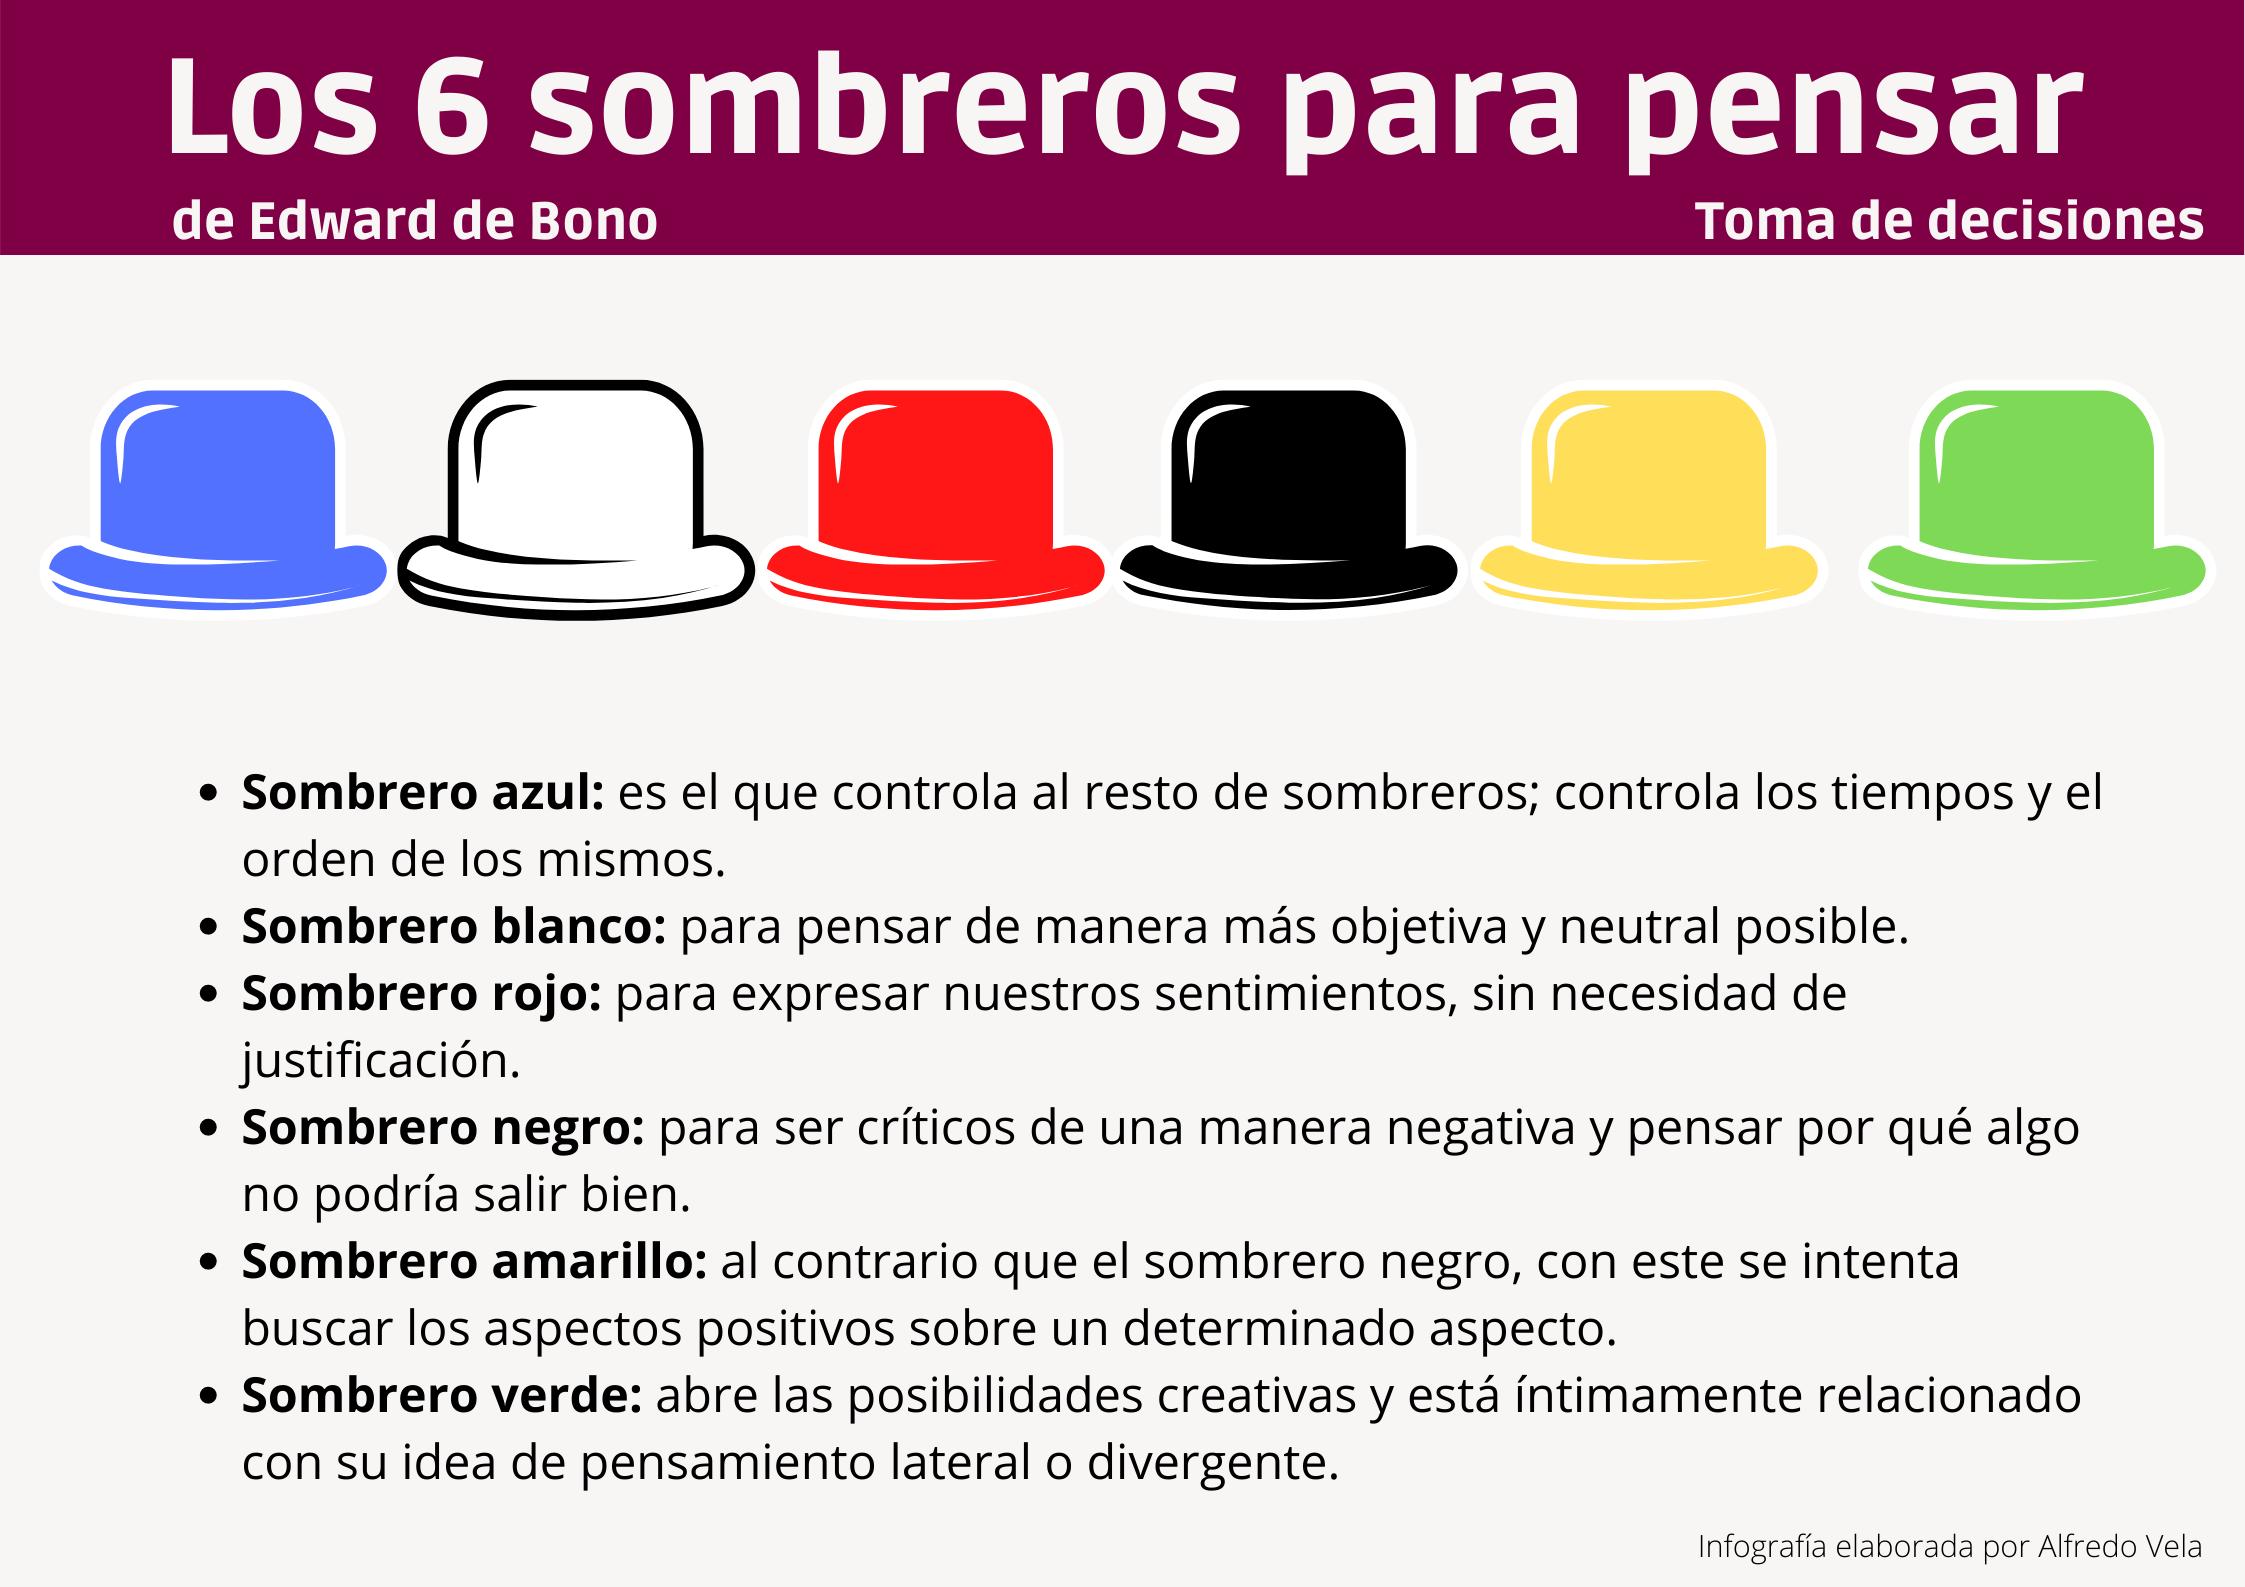 Los 6 sombreros para pensar #infografia #infographic #tomadedecisiones